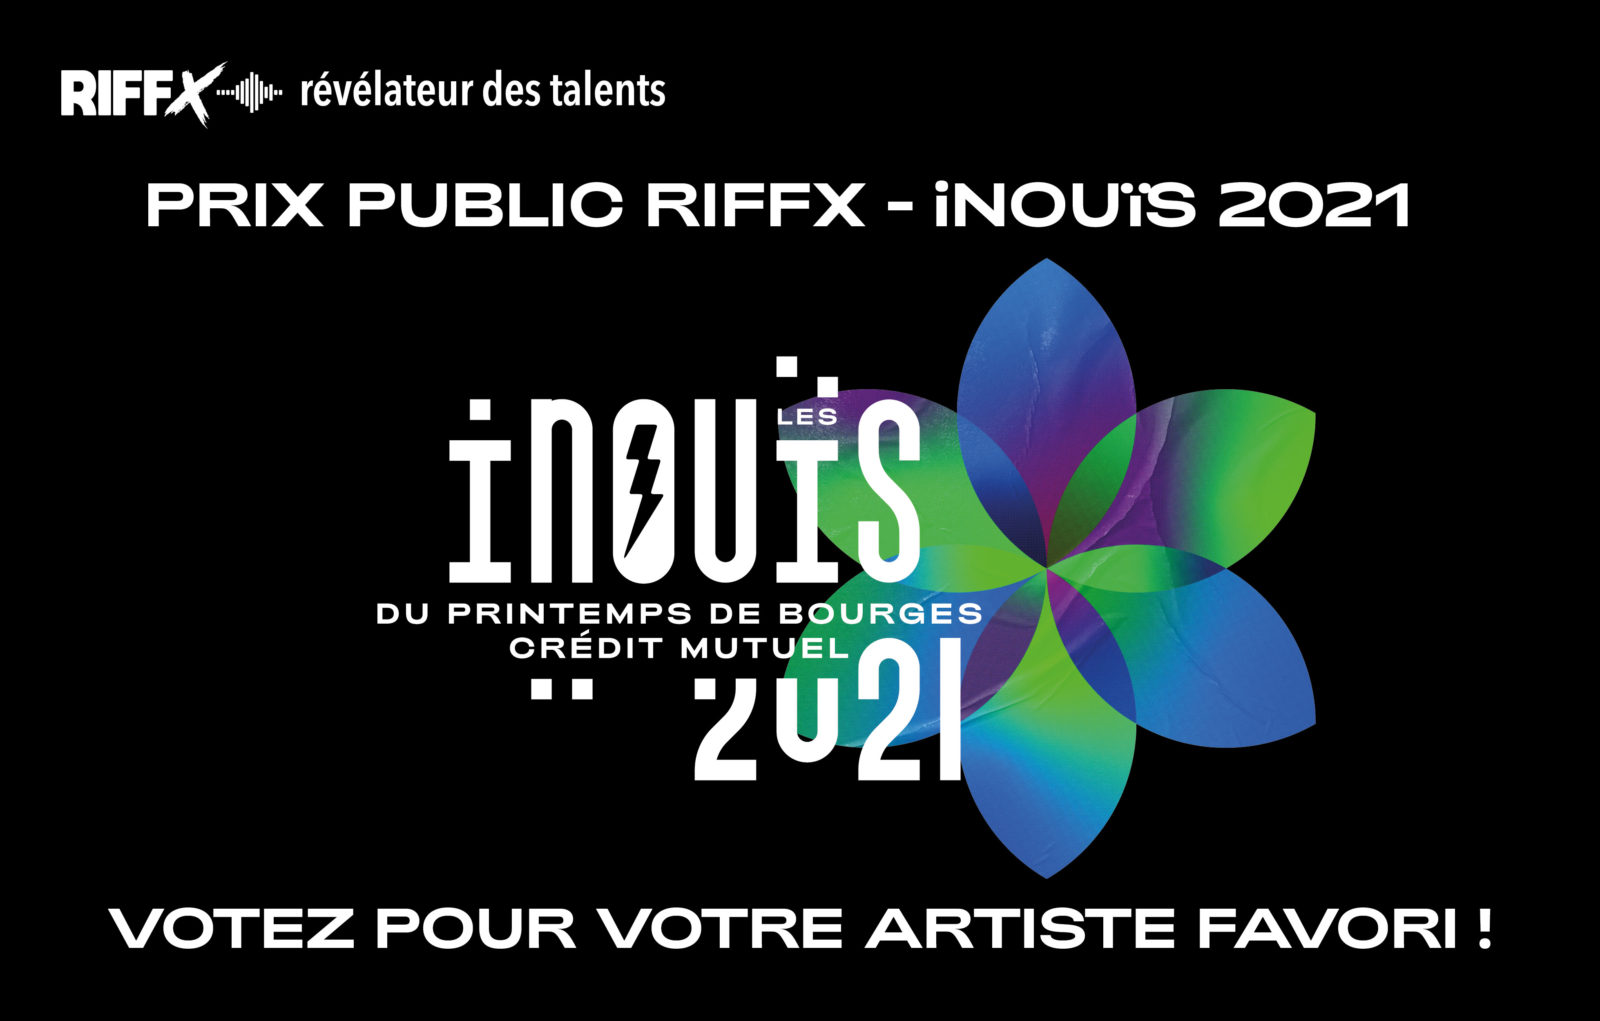 VOTEZ POUR VOTRE ARTISTE FAVORI !